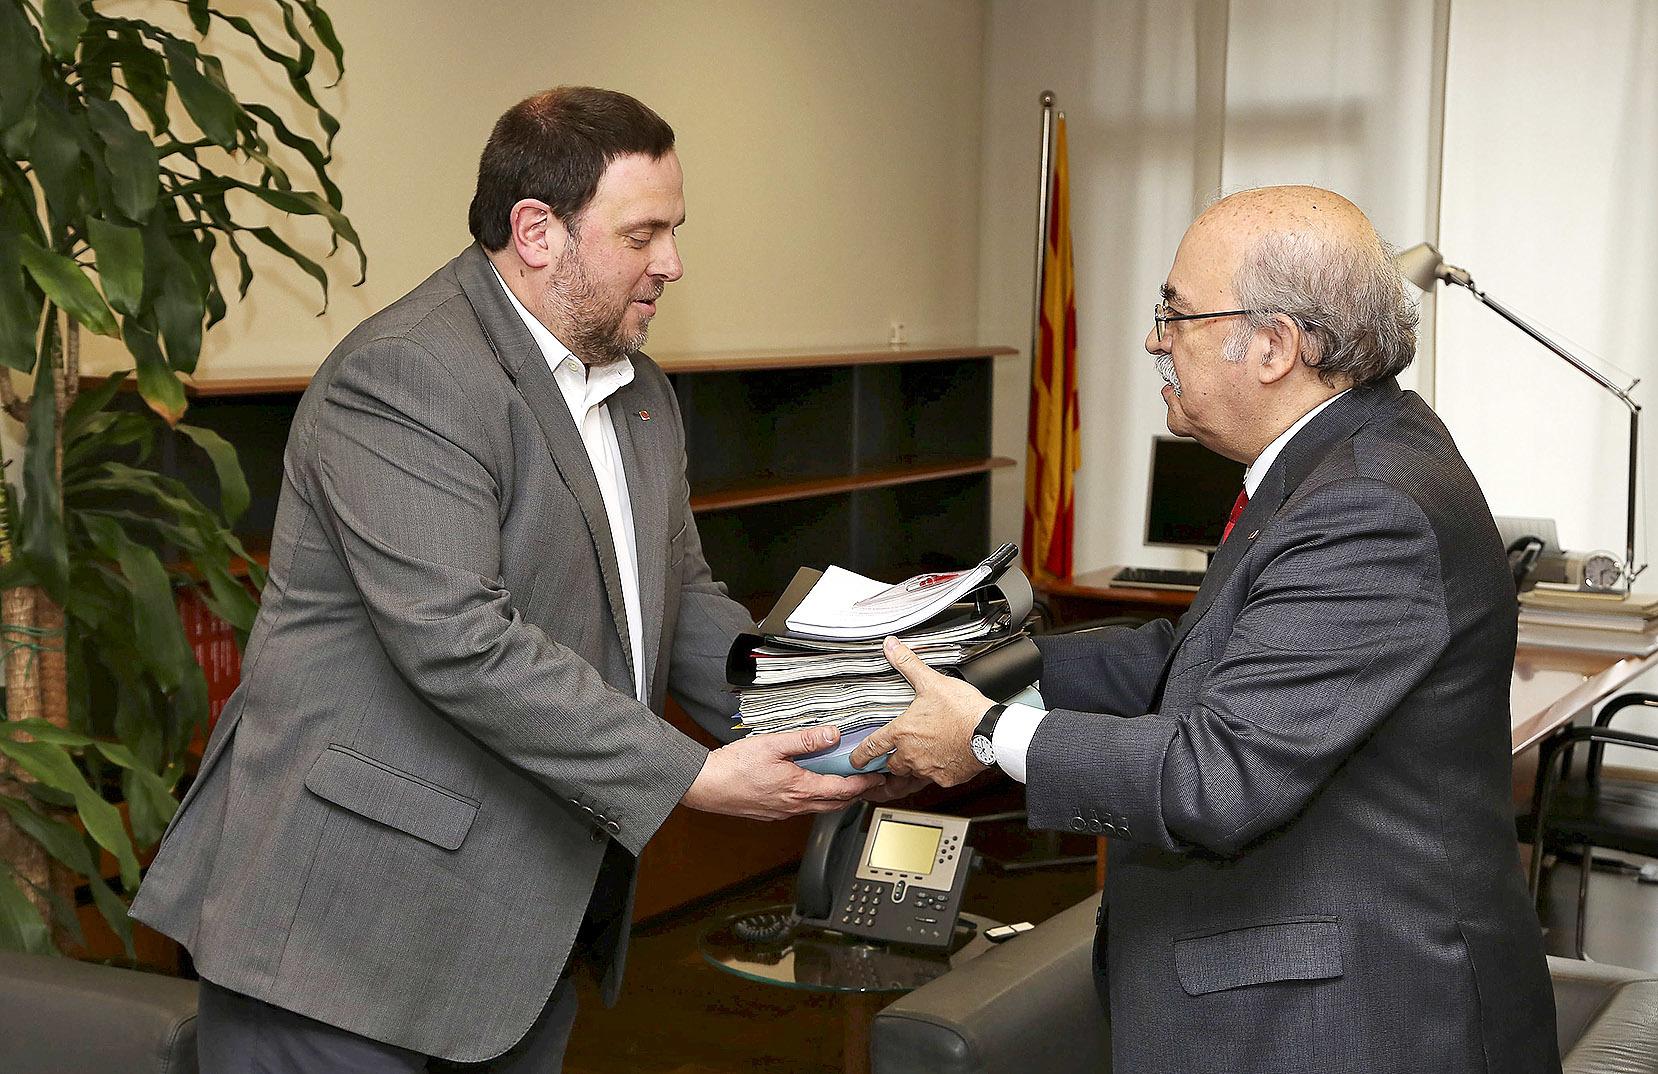 Oriol Junqueras y Andreu Mas-Colell durante su traspaso de poderes en la Consejería de Hacienda en 2016